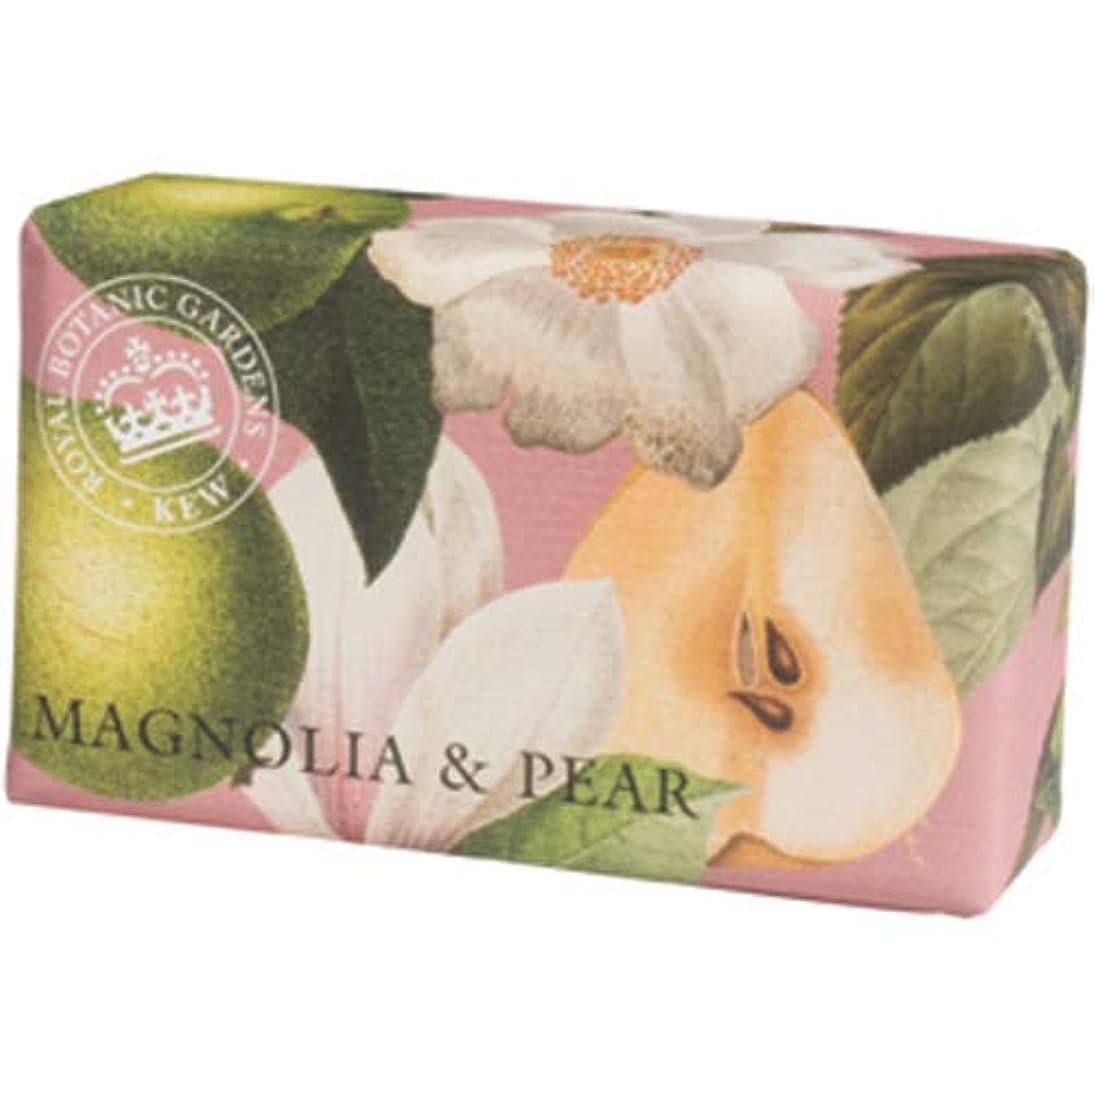 貫通ブリード無視できるEnglish Soap Company イングリッシュソープカンパニー KEW GARDEN キュー?ガーデン Luxury Shea Soaps シアソープ Magnolia & Pear マグノリア&ペア